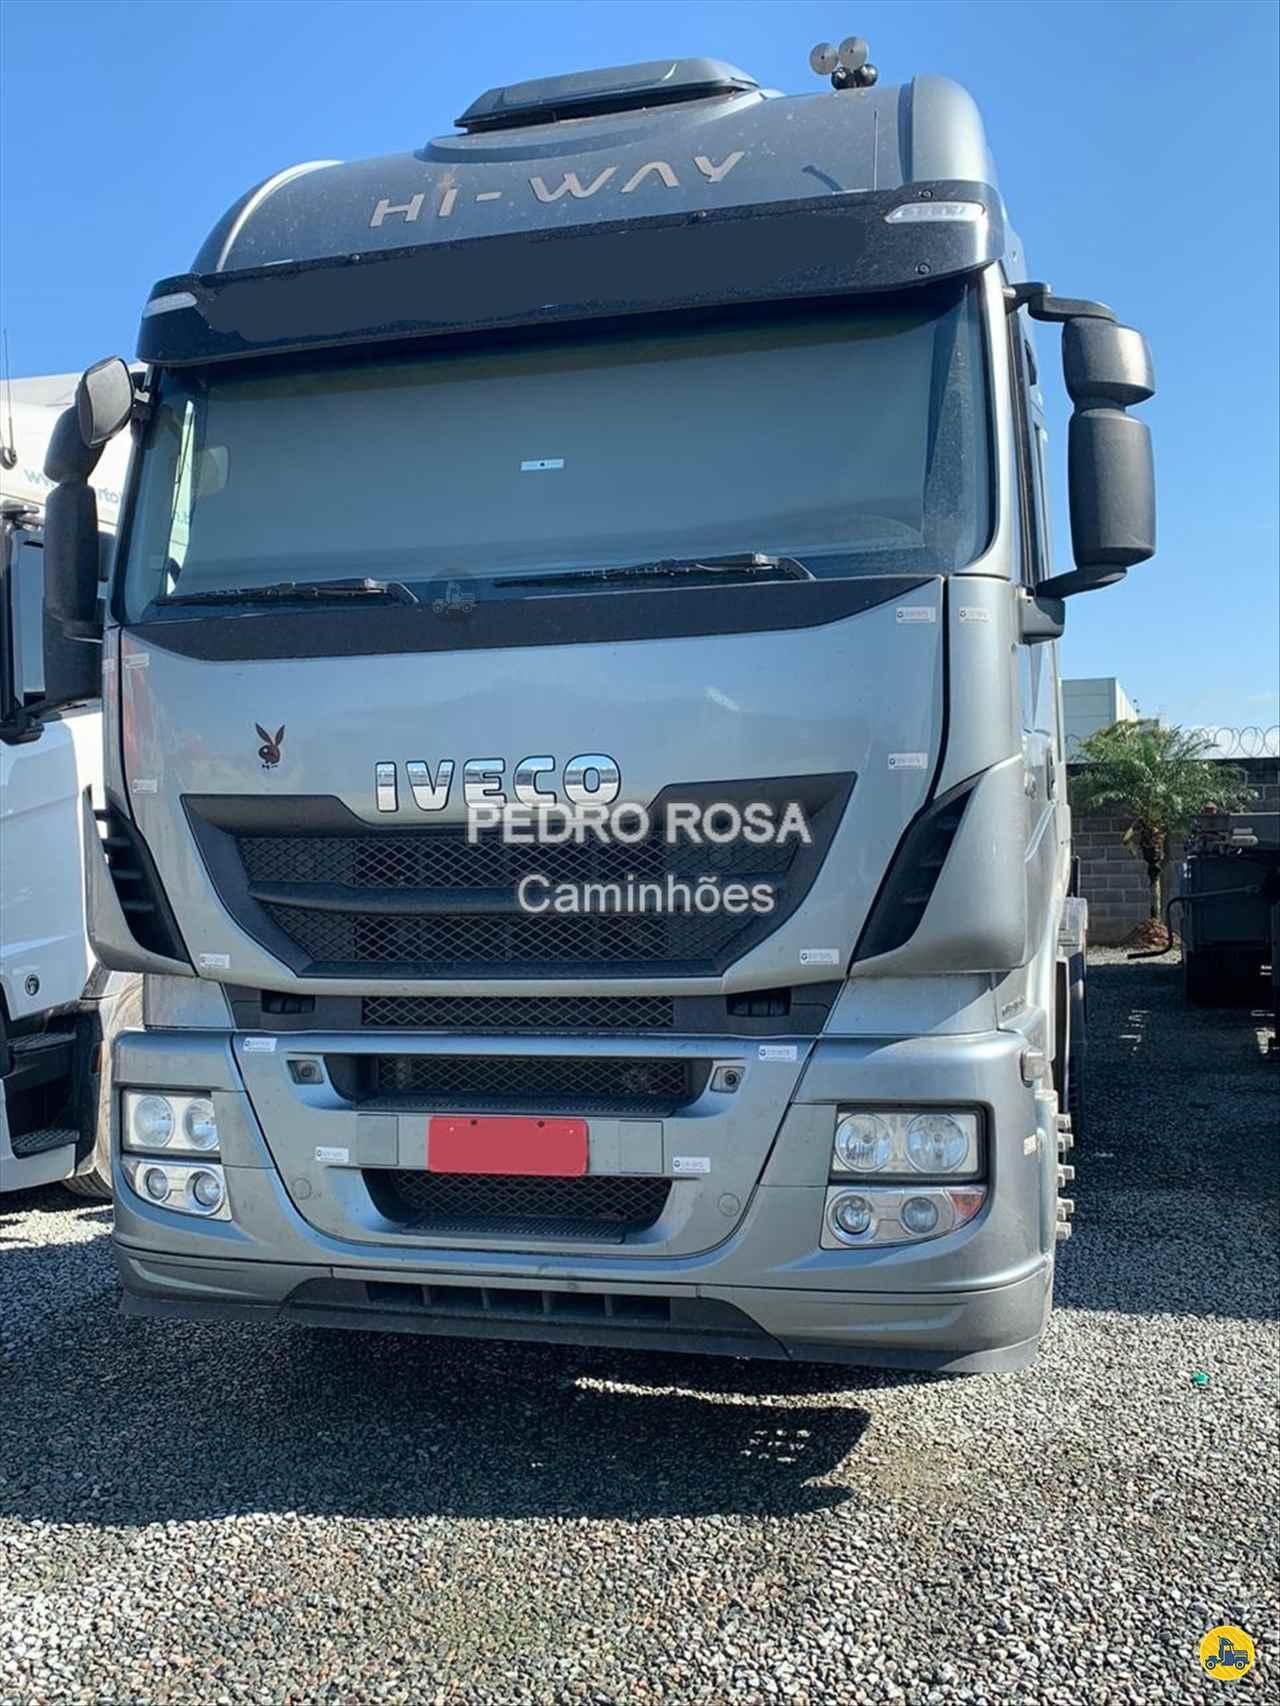 CAMINHAO IVECO STRALIS 440 Cavalo Mecânico Truck 6x2 Pedro Rosa Caminhões PICARRAS SANTA CATARINA SC